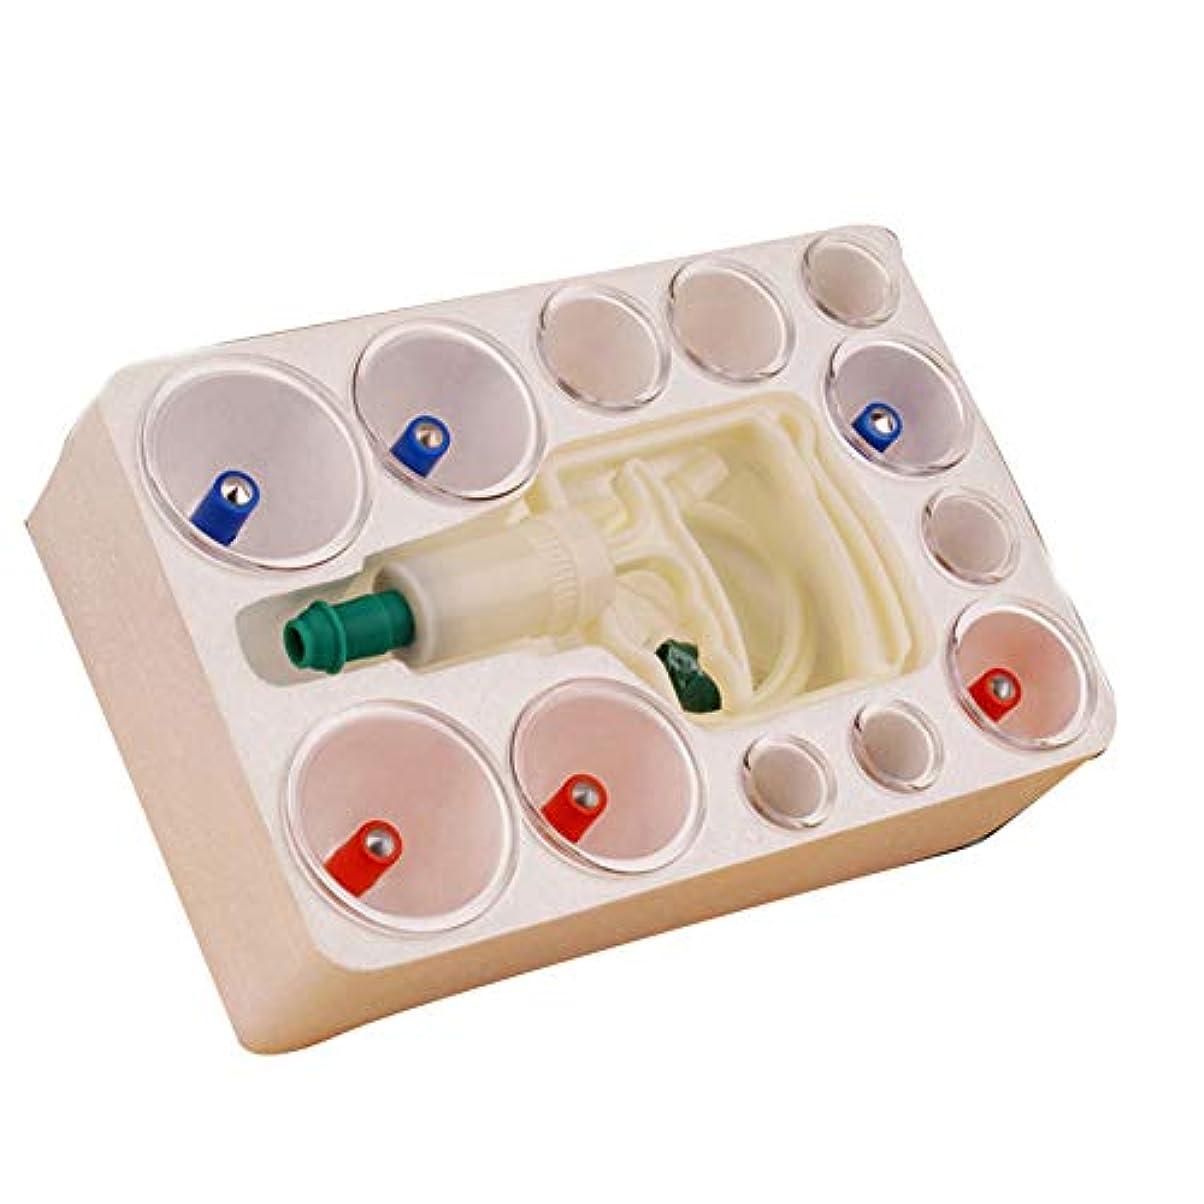 アレイ精神的にバックアップ12カップカッピングセラピーセット、真空吸引生体磁気、ポンプ付きホーム、ボディマッサージの痛みを緩和する理学療法排泄毒素